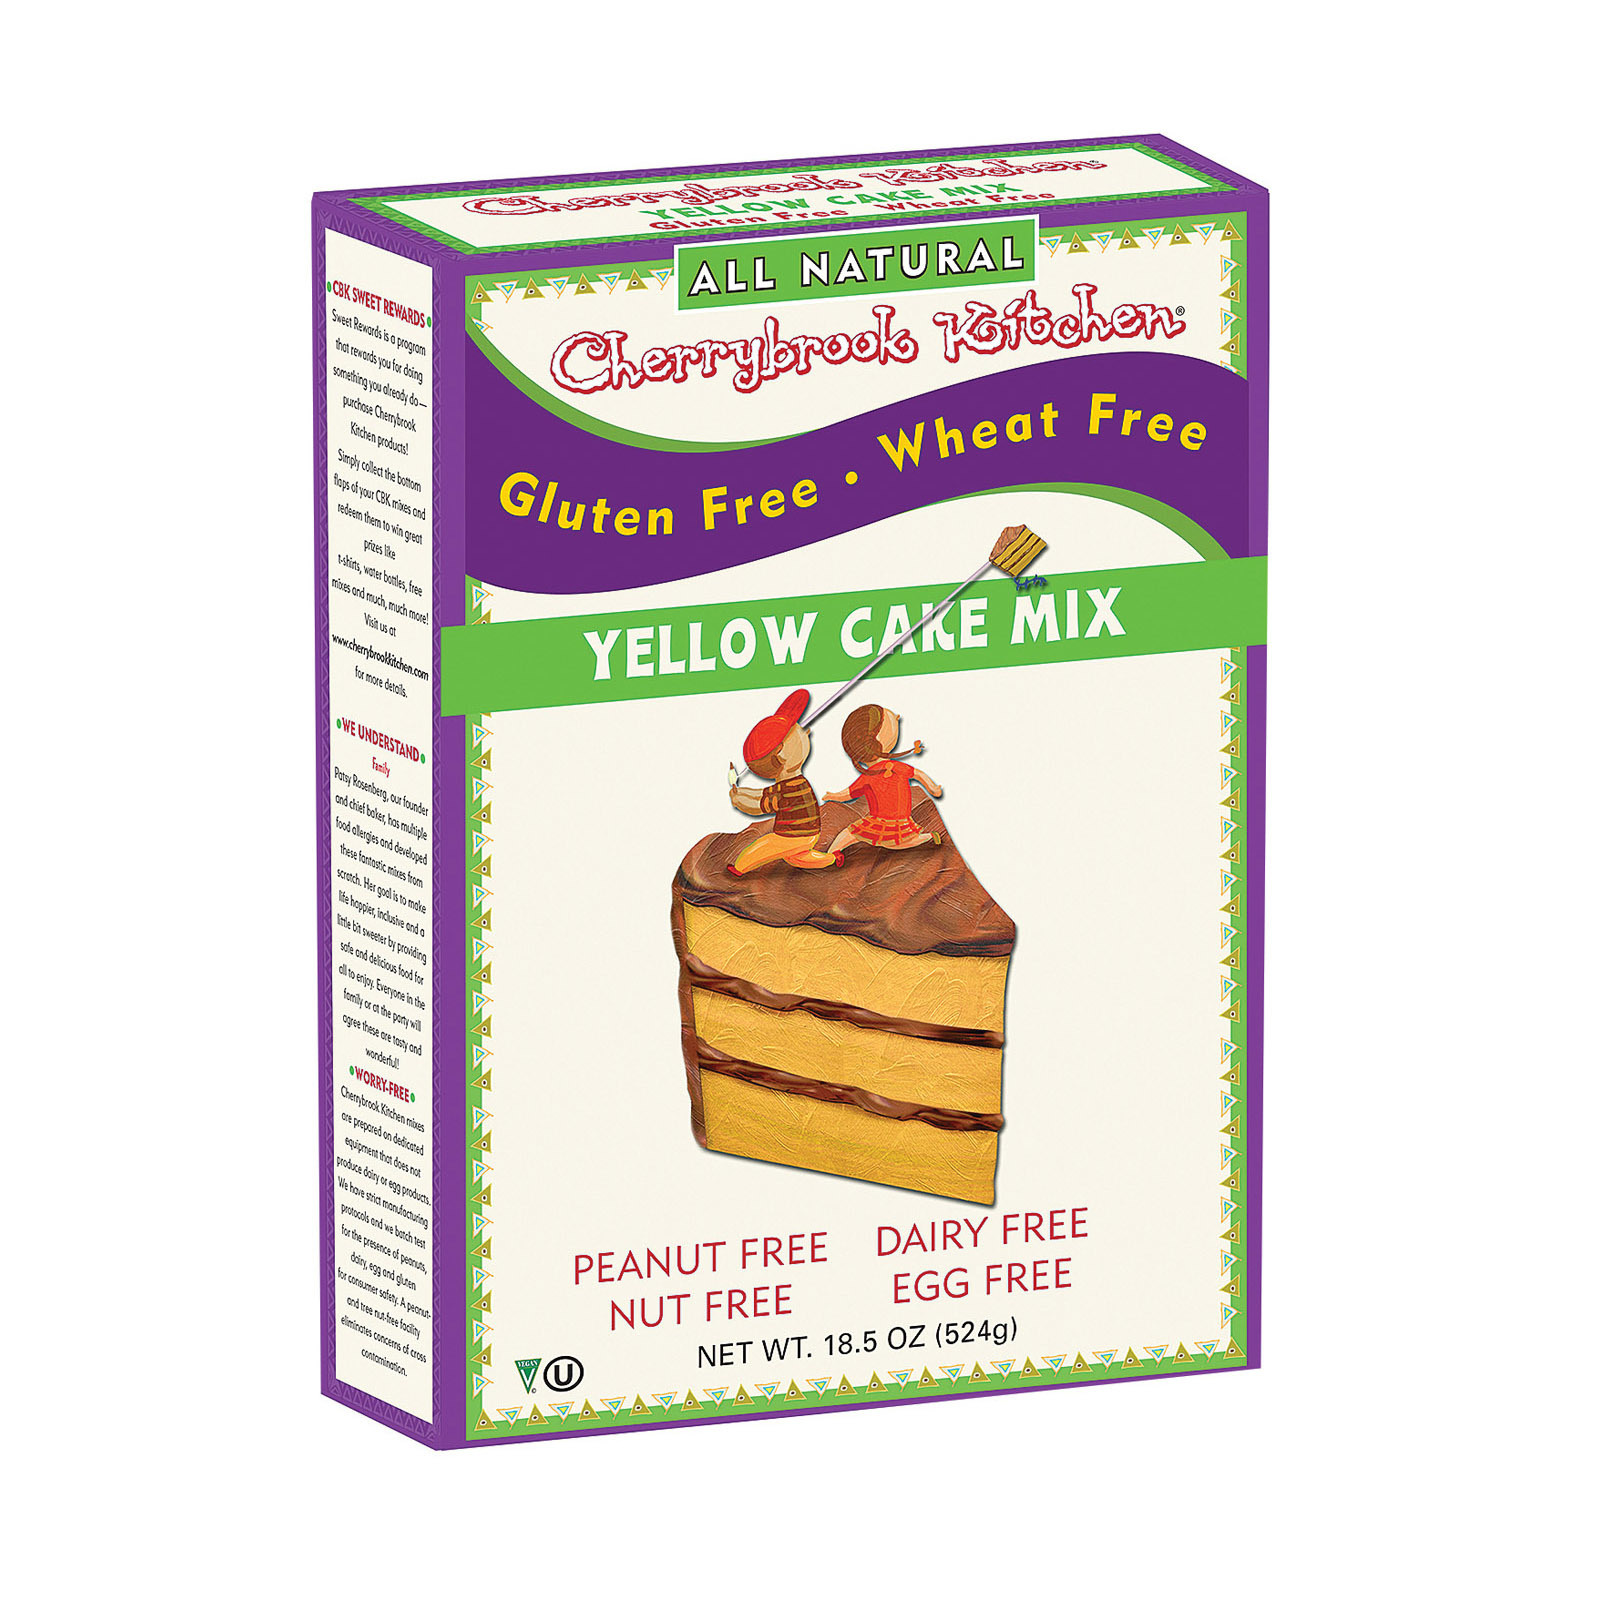 Cherrybrook Kitchen Gluten & Wheat Free Yellow Cake Mix - Case of 6 - 16 oz